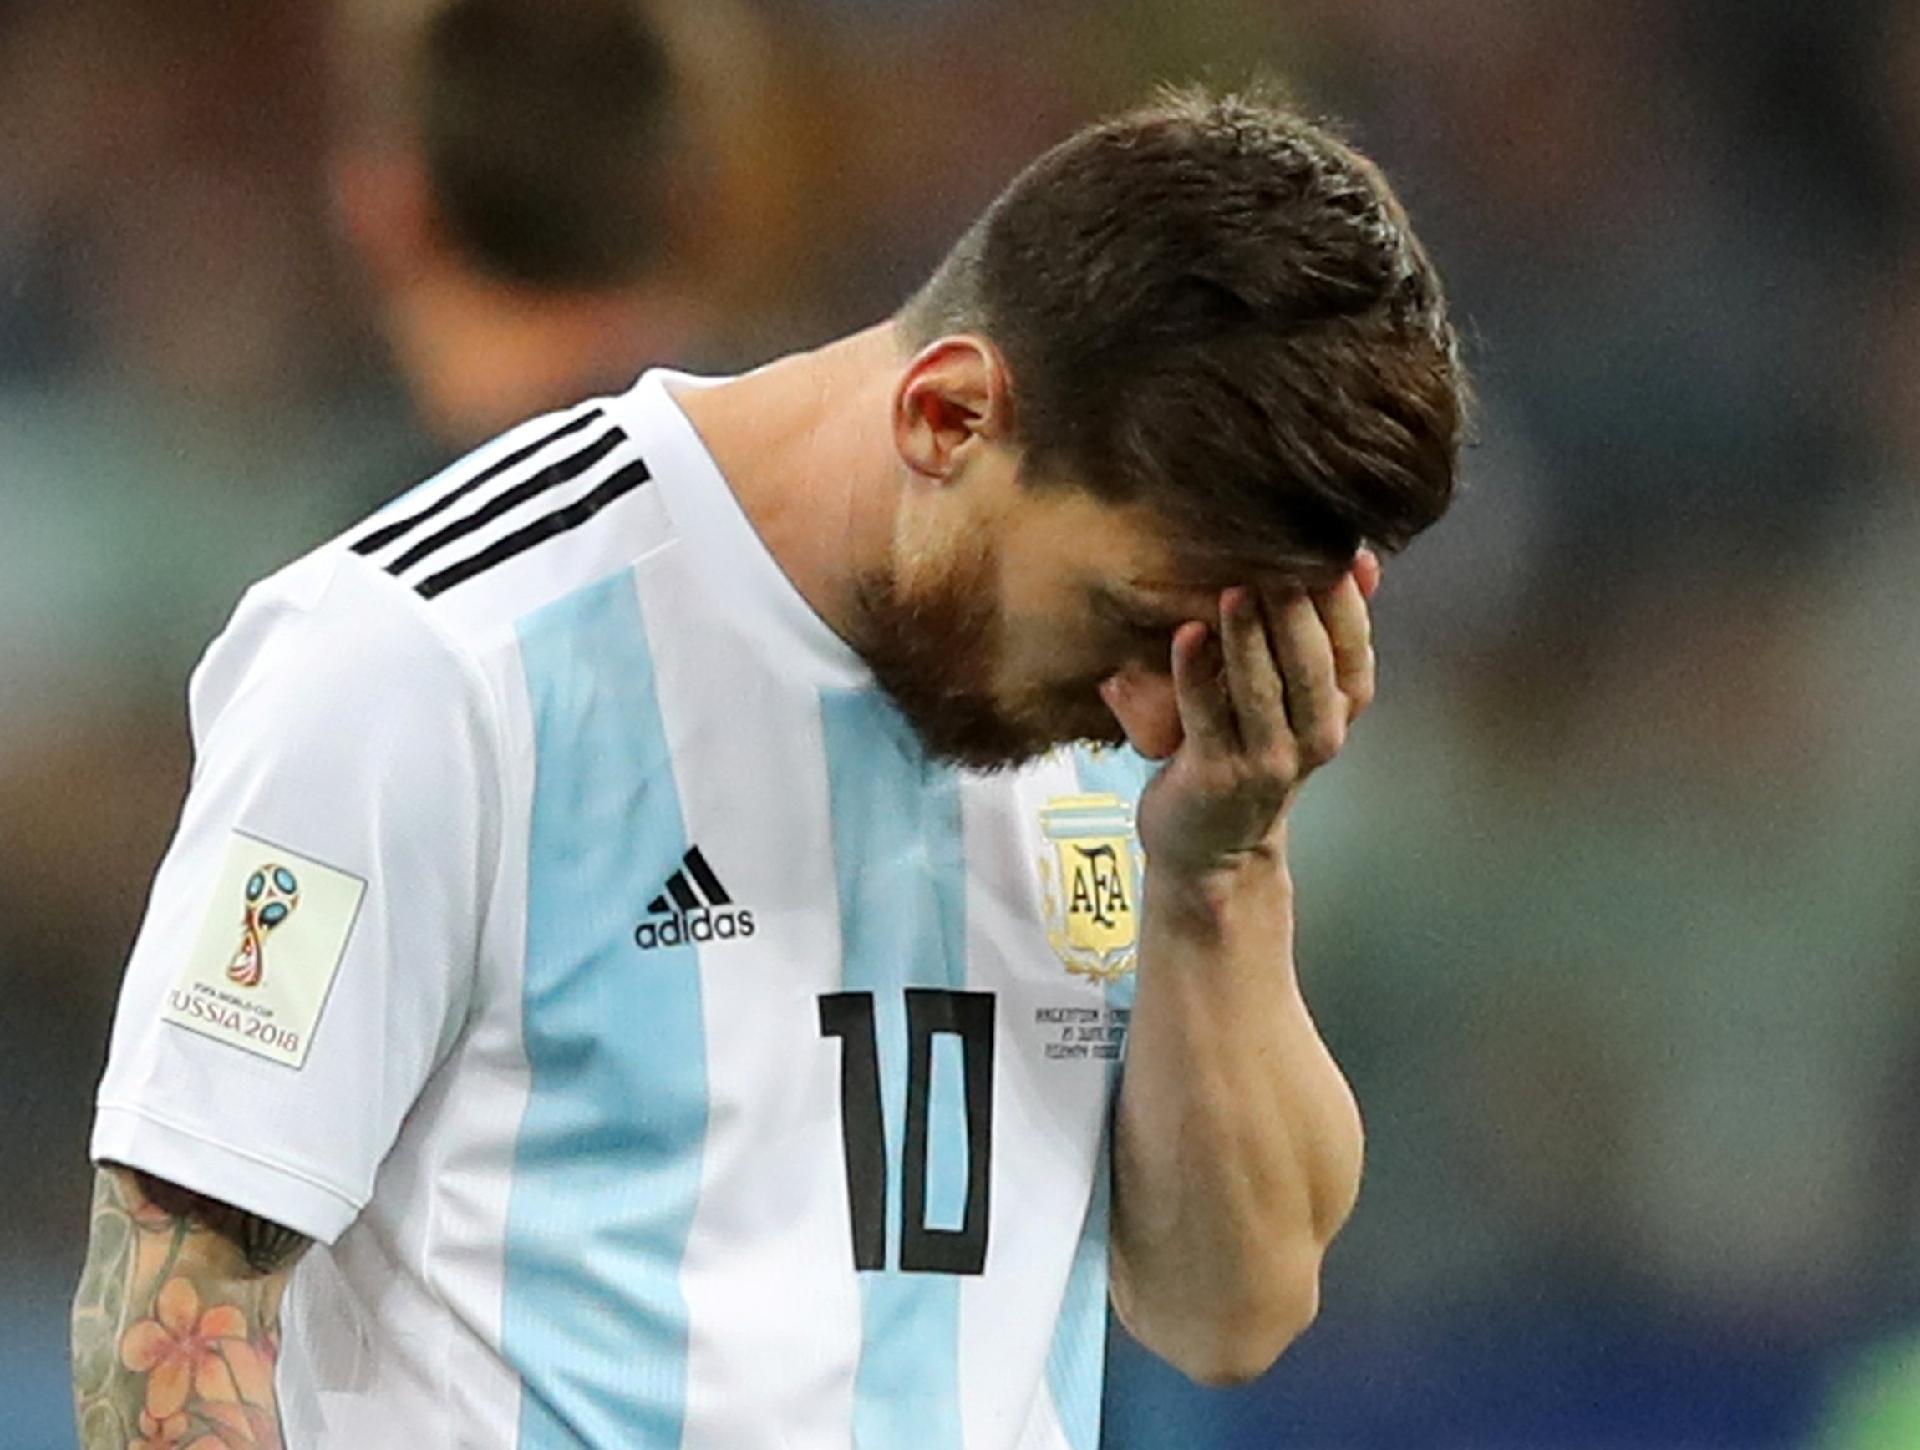 Argentina na Copa 2018  Perdido e disperso, Messi parece um jogador comum  na Copa da Rússia - UOL Copa do Mundo 2018 119d154b0a